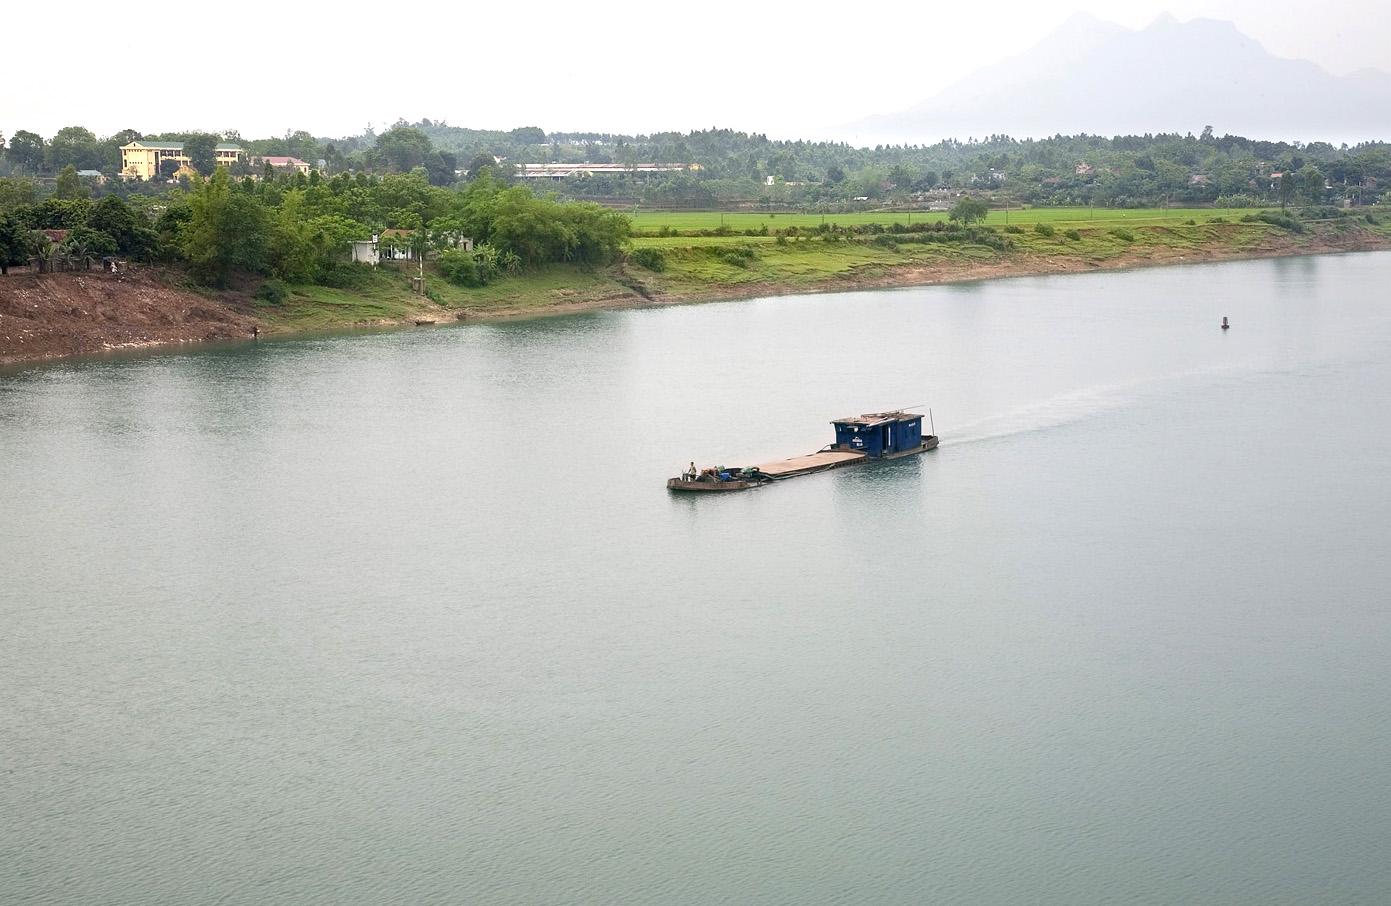 252/Lấy nước từ cồn nổi trên sông Hồng